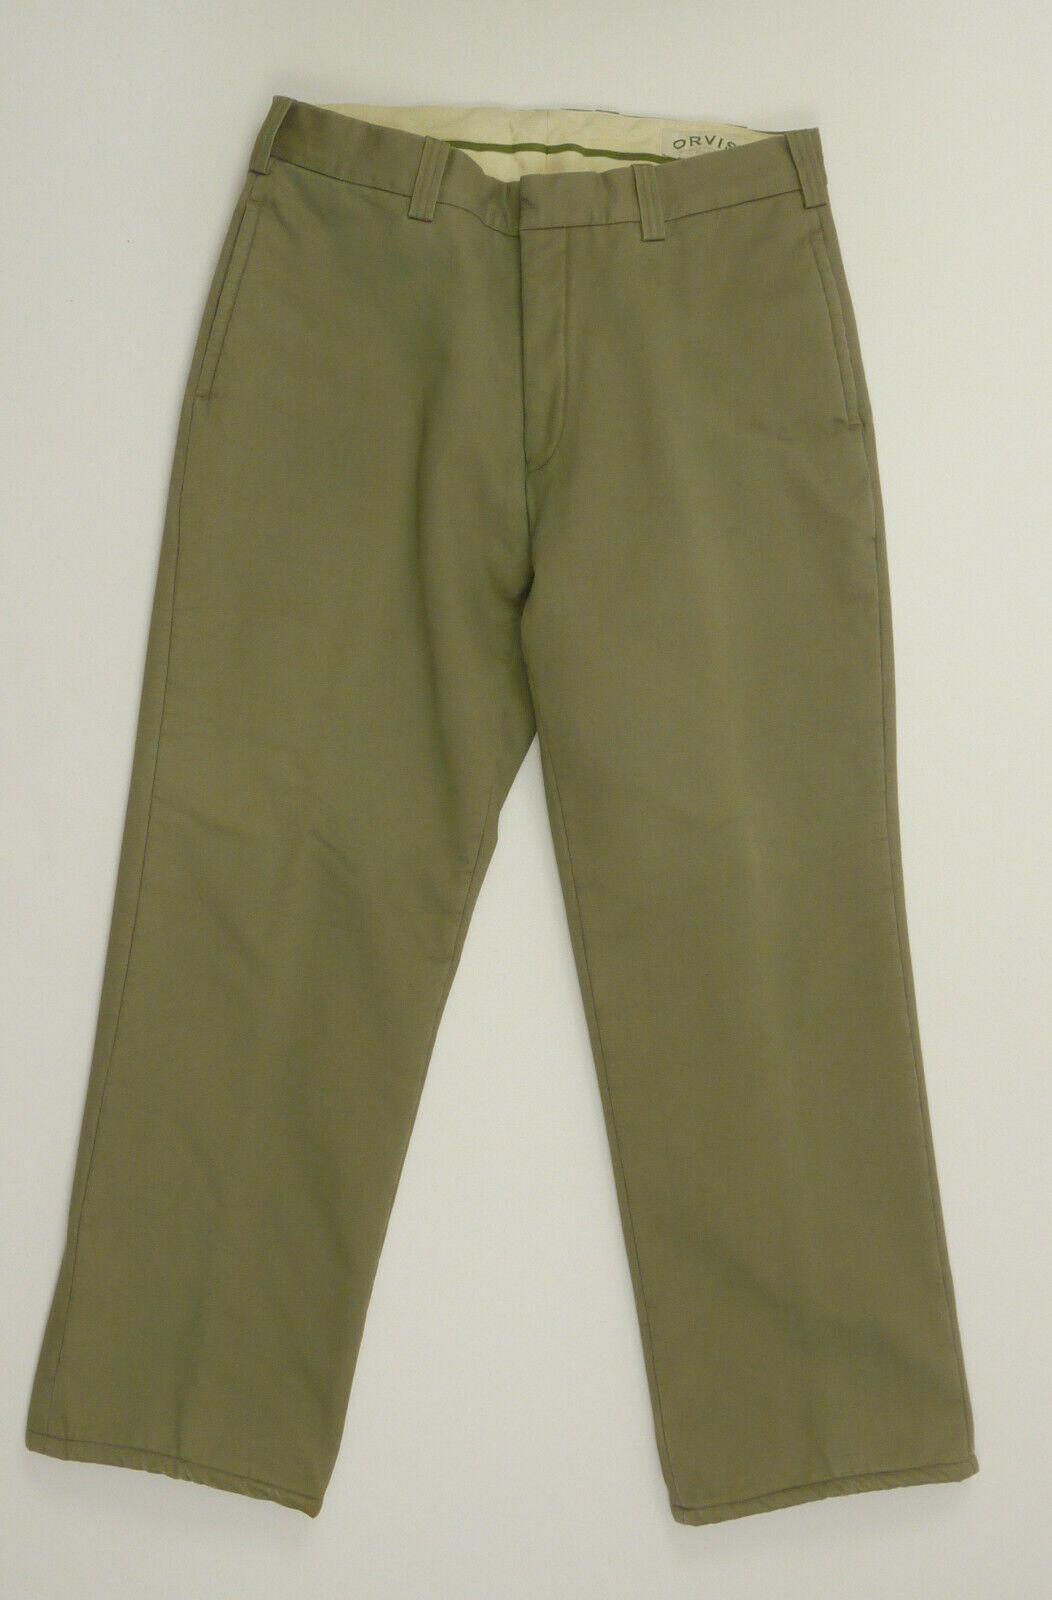 Orvis Fleece Lined pants 36